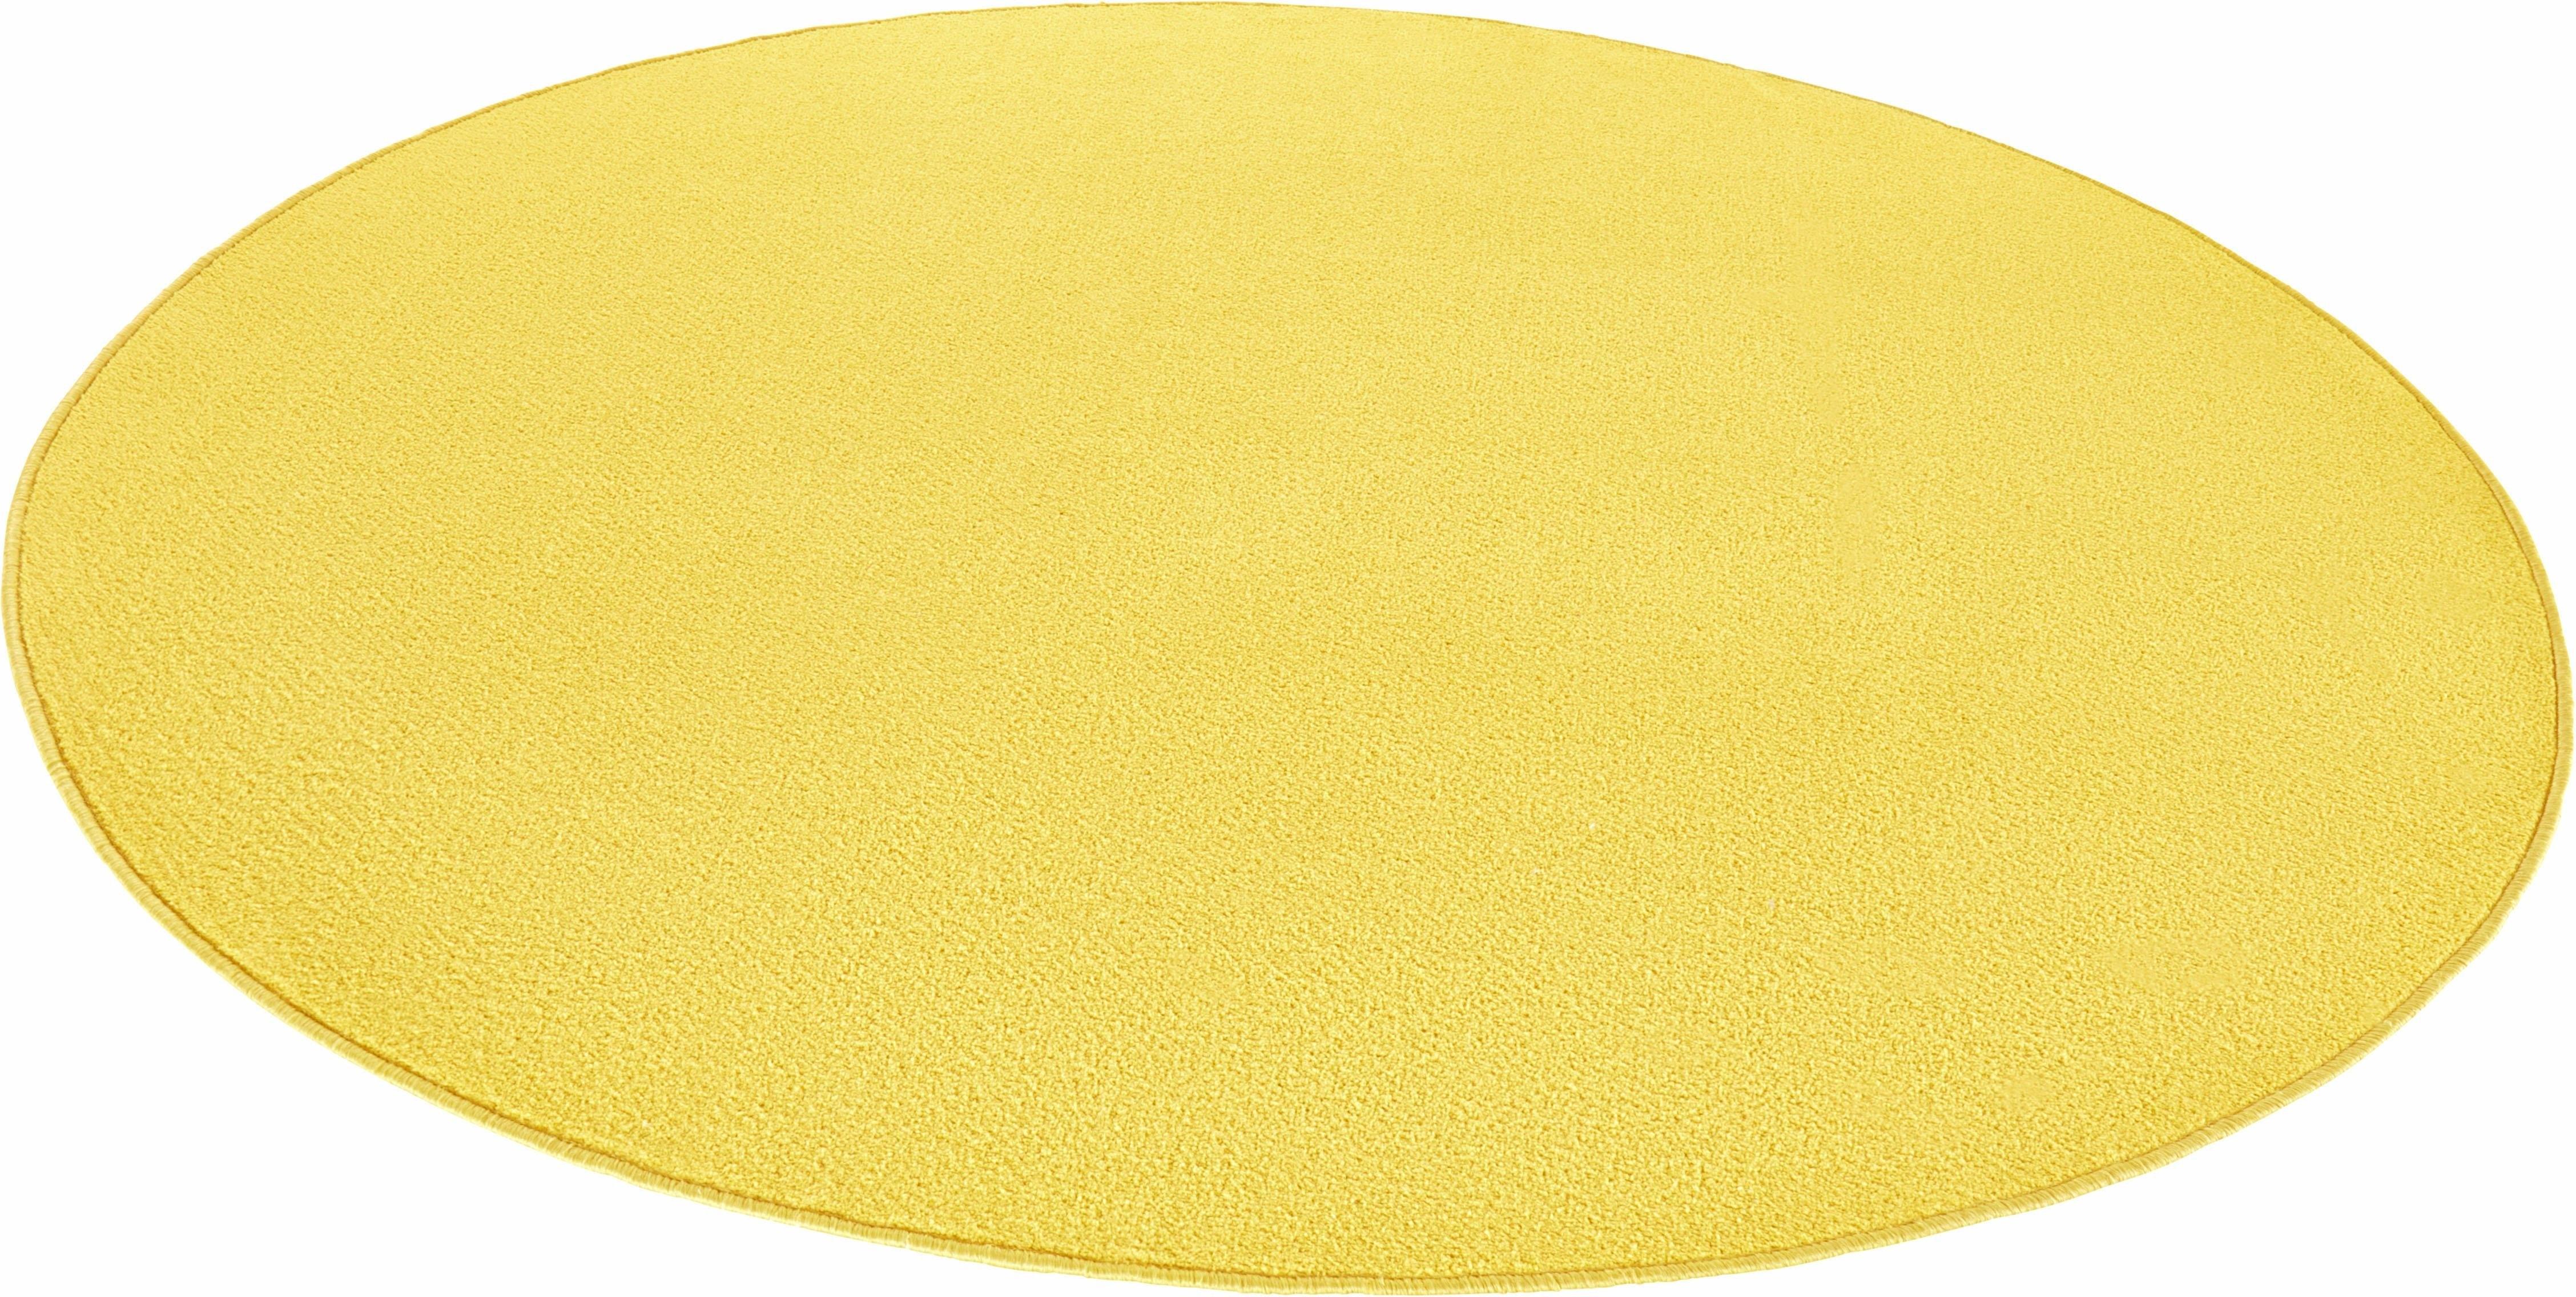 HANSE Home Vloerkleed, »Fancy«, rond, hoogte 7 mm, machinaal getuft - verschillende betaalmethodes